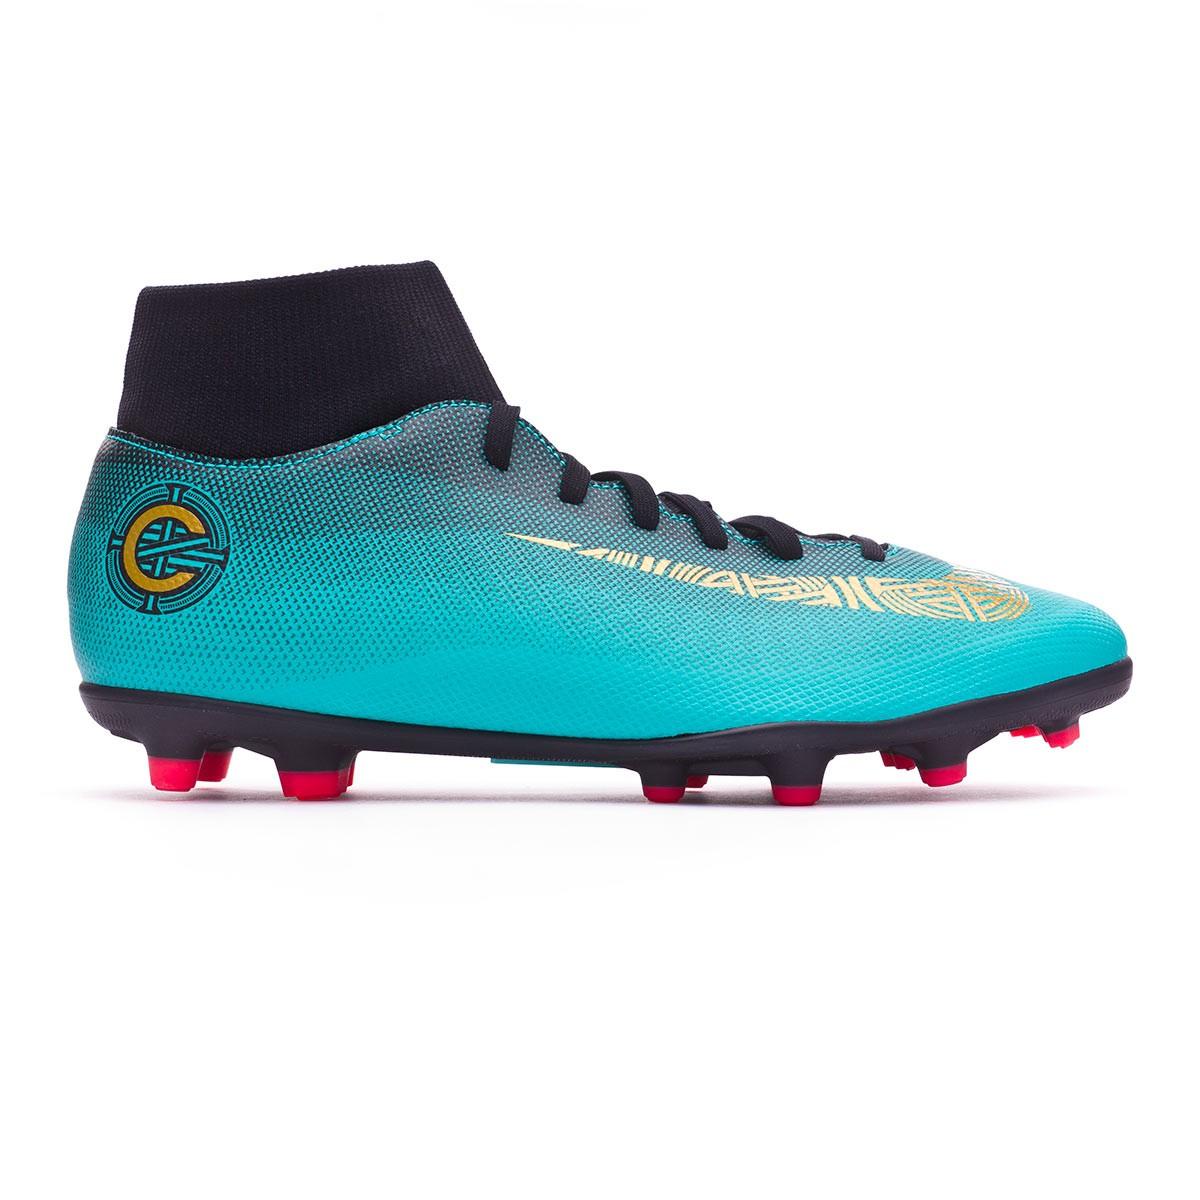 huge selection of ecf64 ae8dd Zapatos de fútbol Nike Mercurial Superfly VI Club CR7 MG Clear  jade-Metallic vivid gold-Black - Soloporteros es ahora Fútbol Emotion